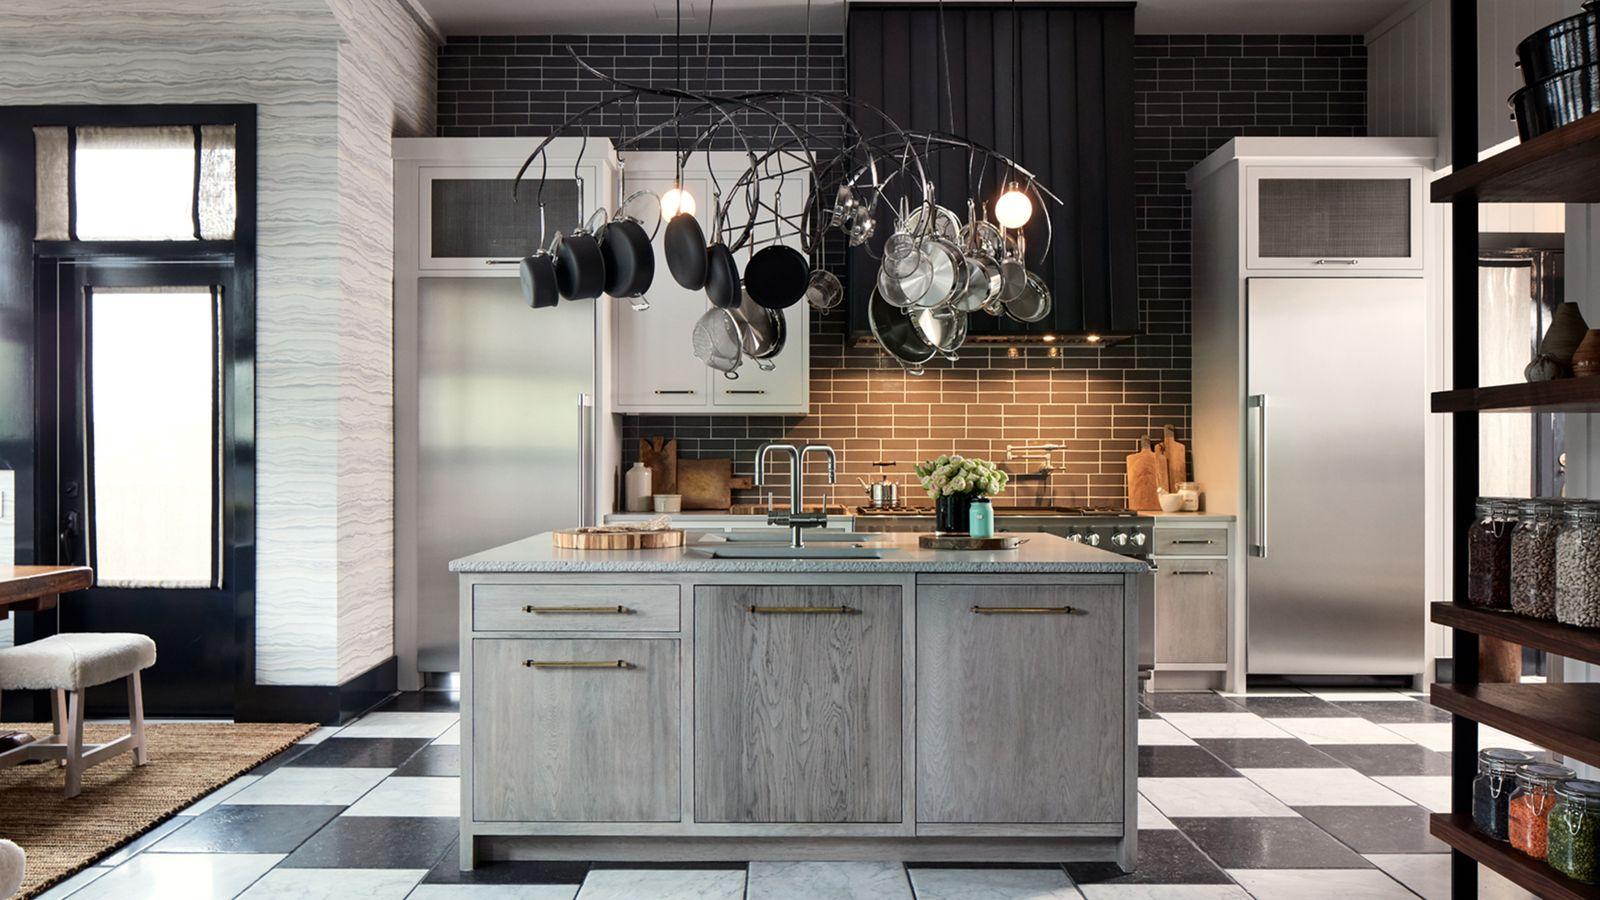 Design Kitchen 2017 Stainless steel refrigeration columns